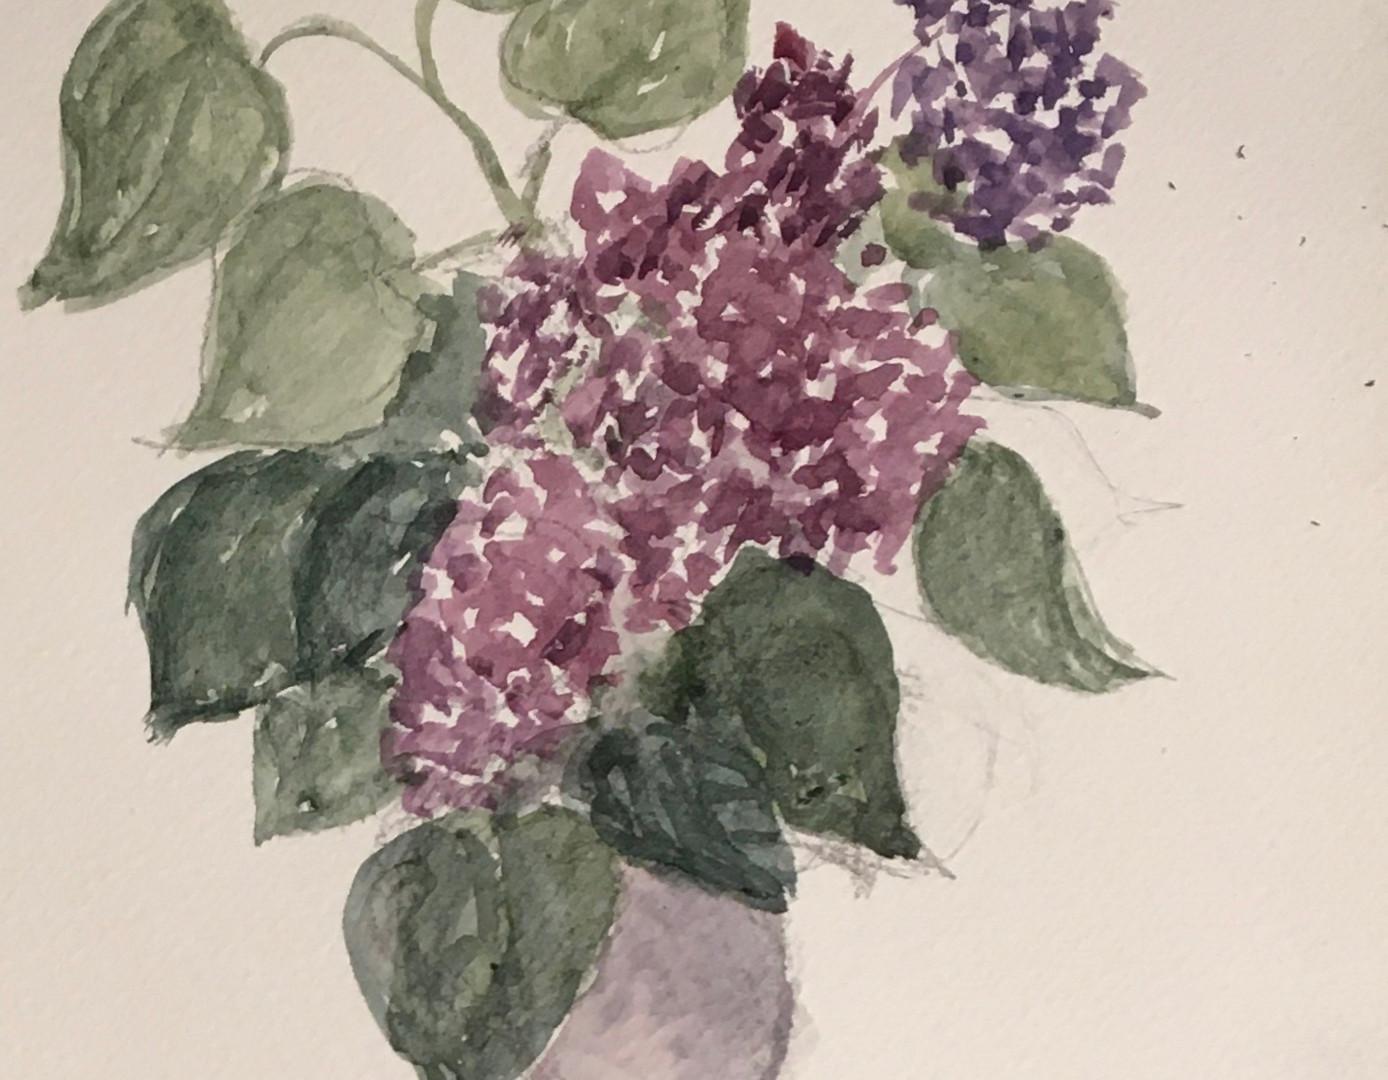 Le vase aux lilas